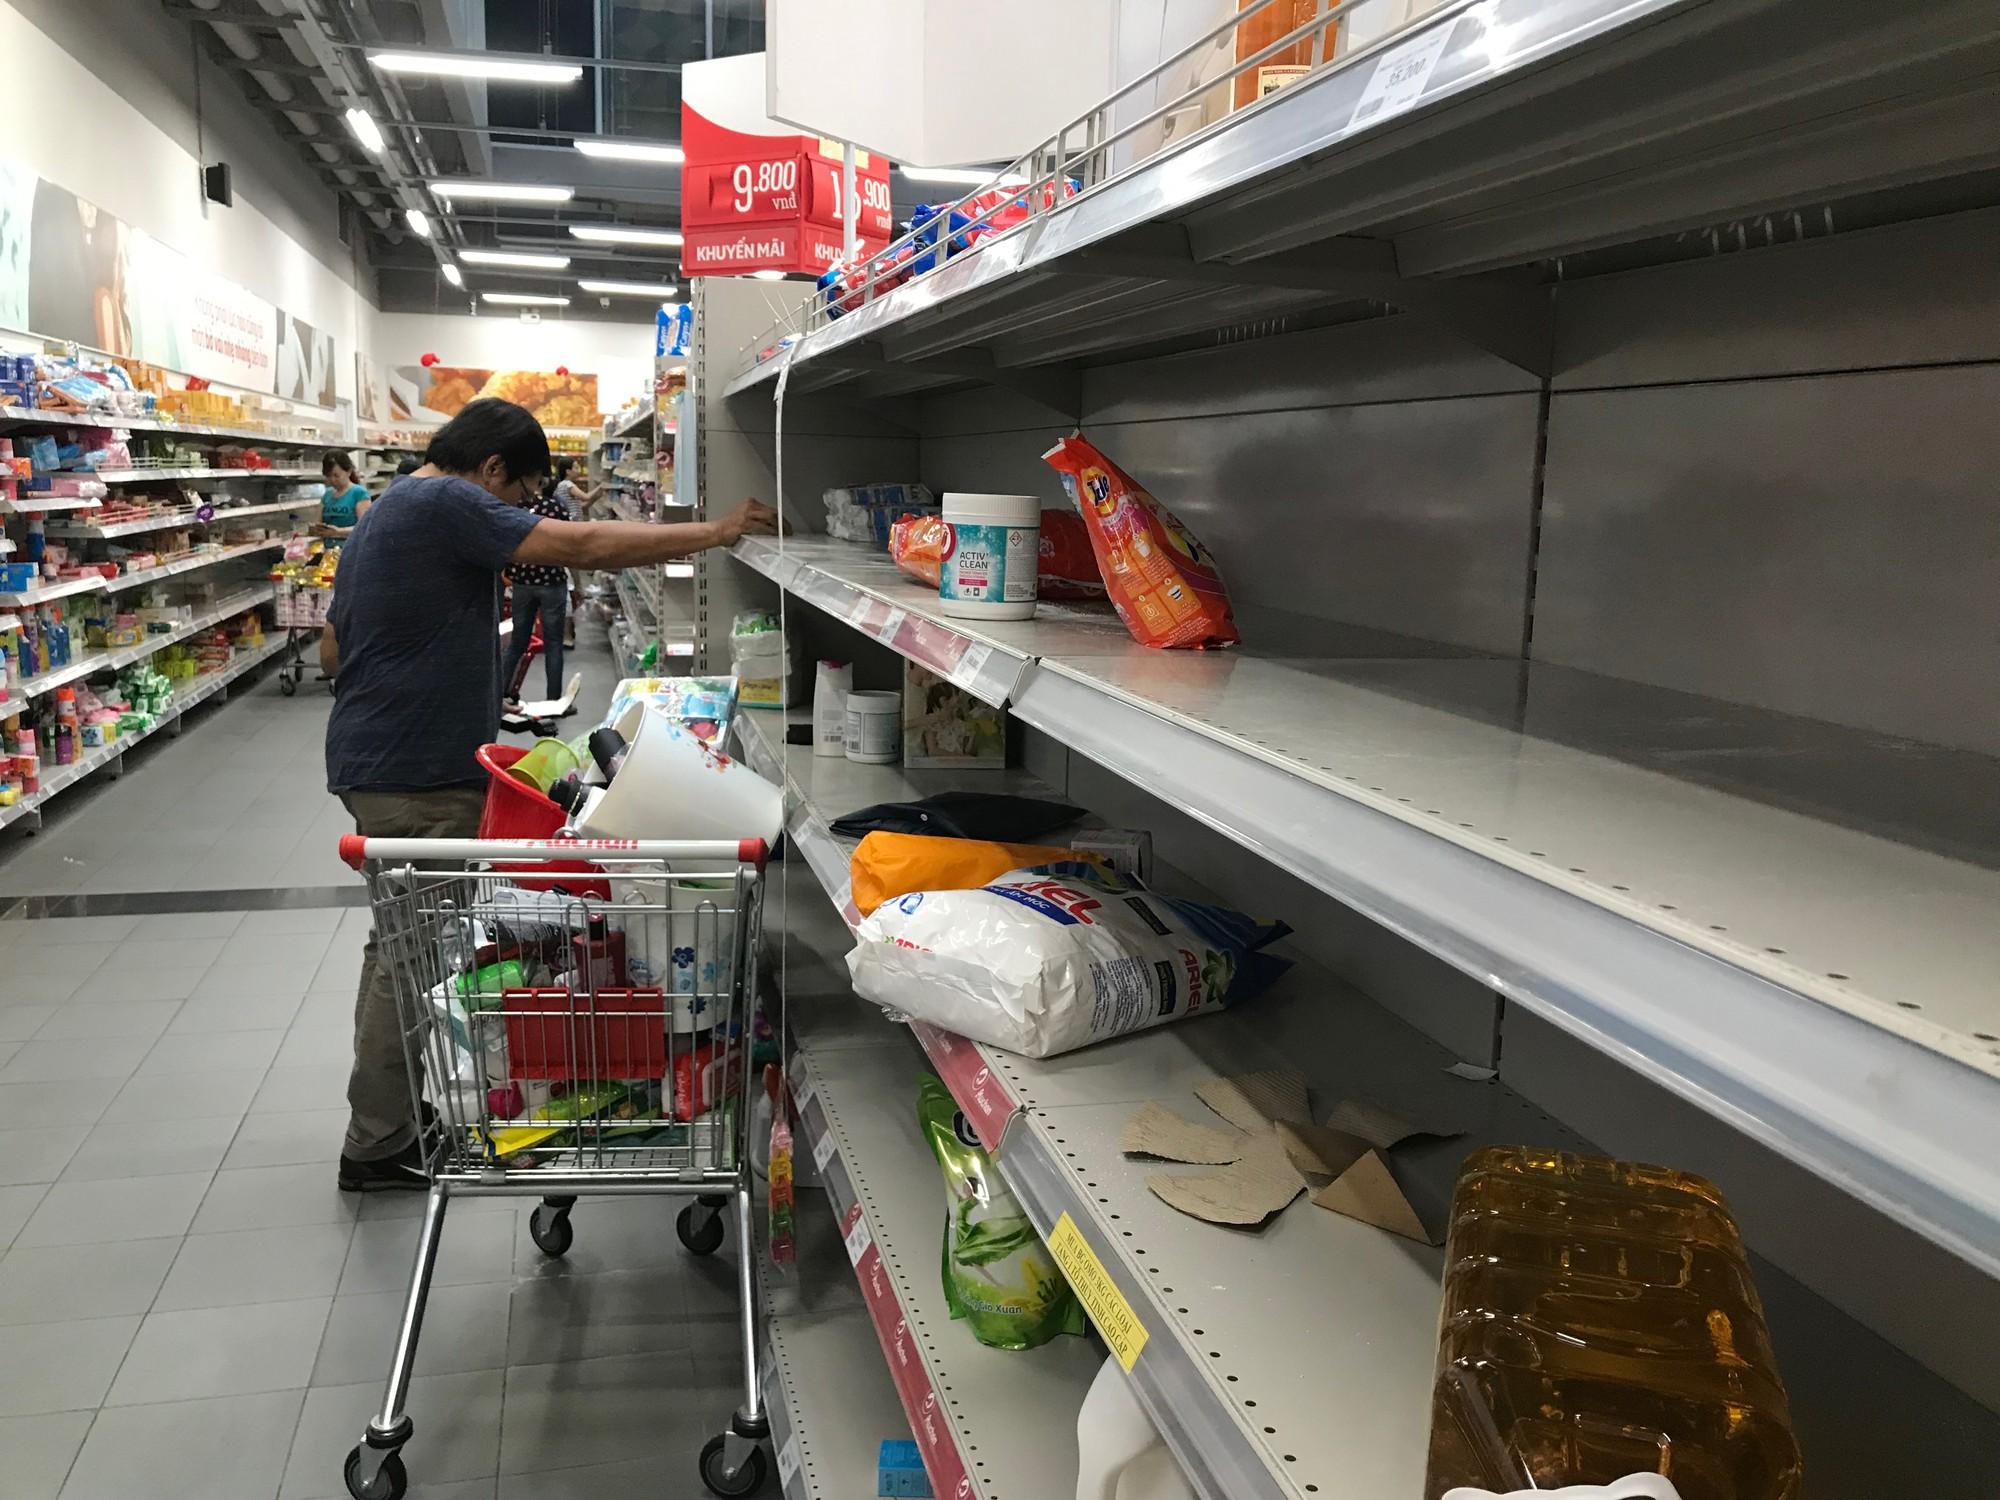 Auchan xả hàng trước khi tháo chạy khỏi Việt Nam, người dân ồ ạt vét sạch siêu thị, chờ hàng giờ chưa được thanh toán  - Ảnh 3.